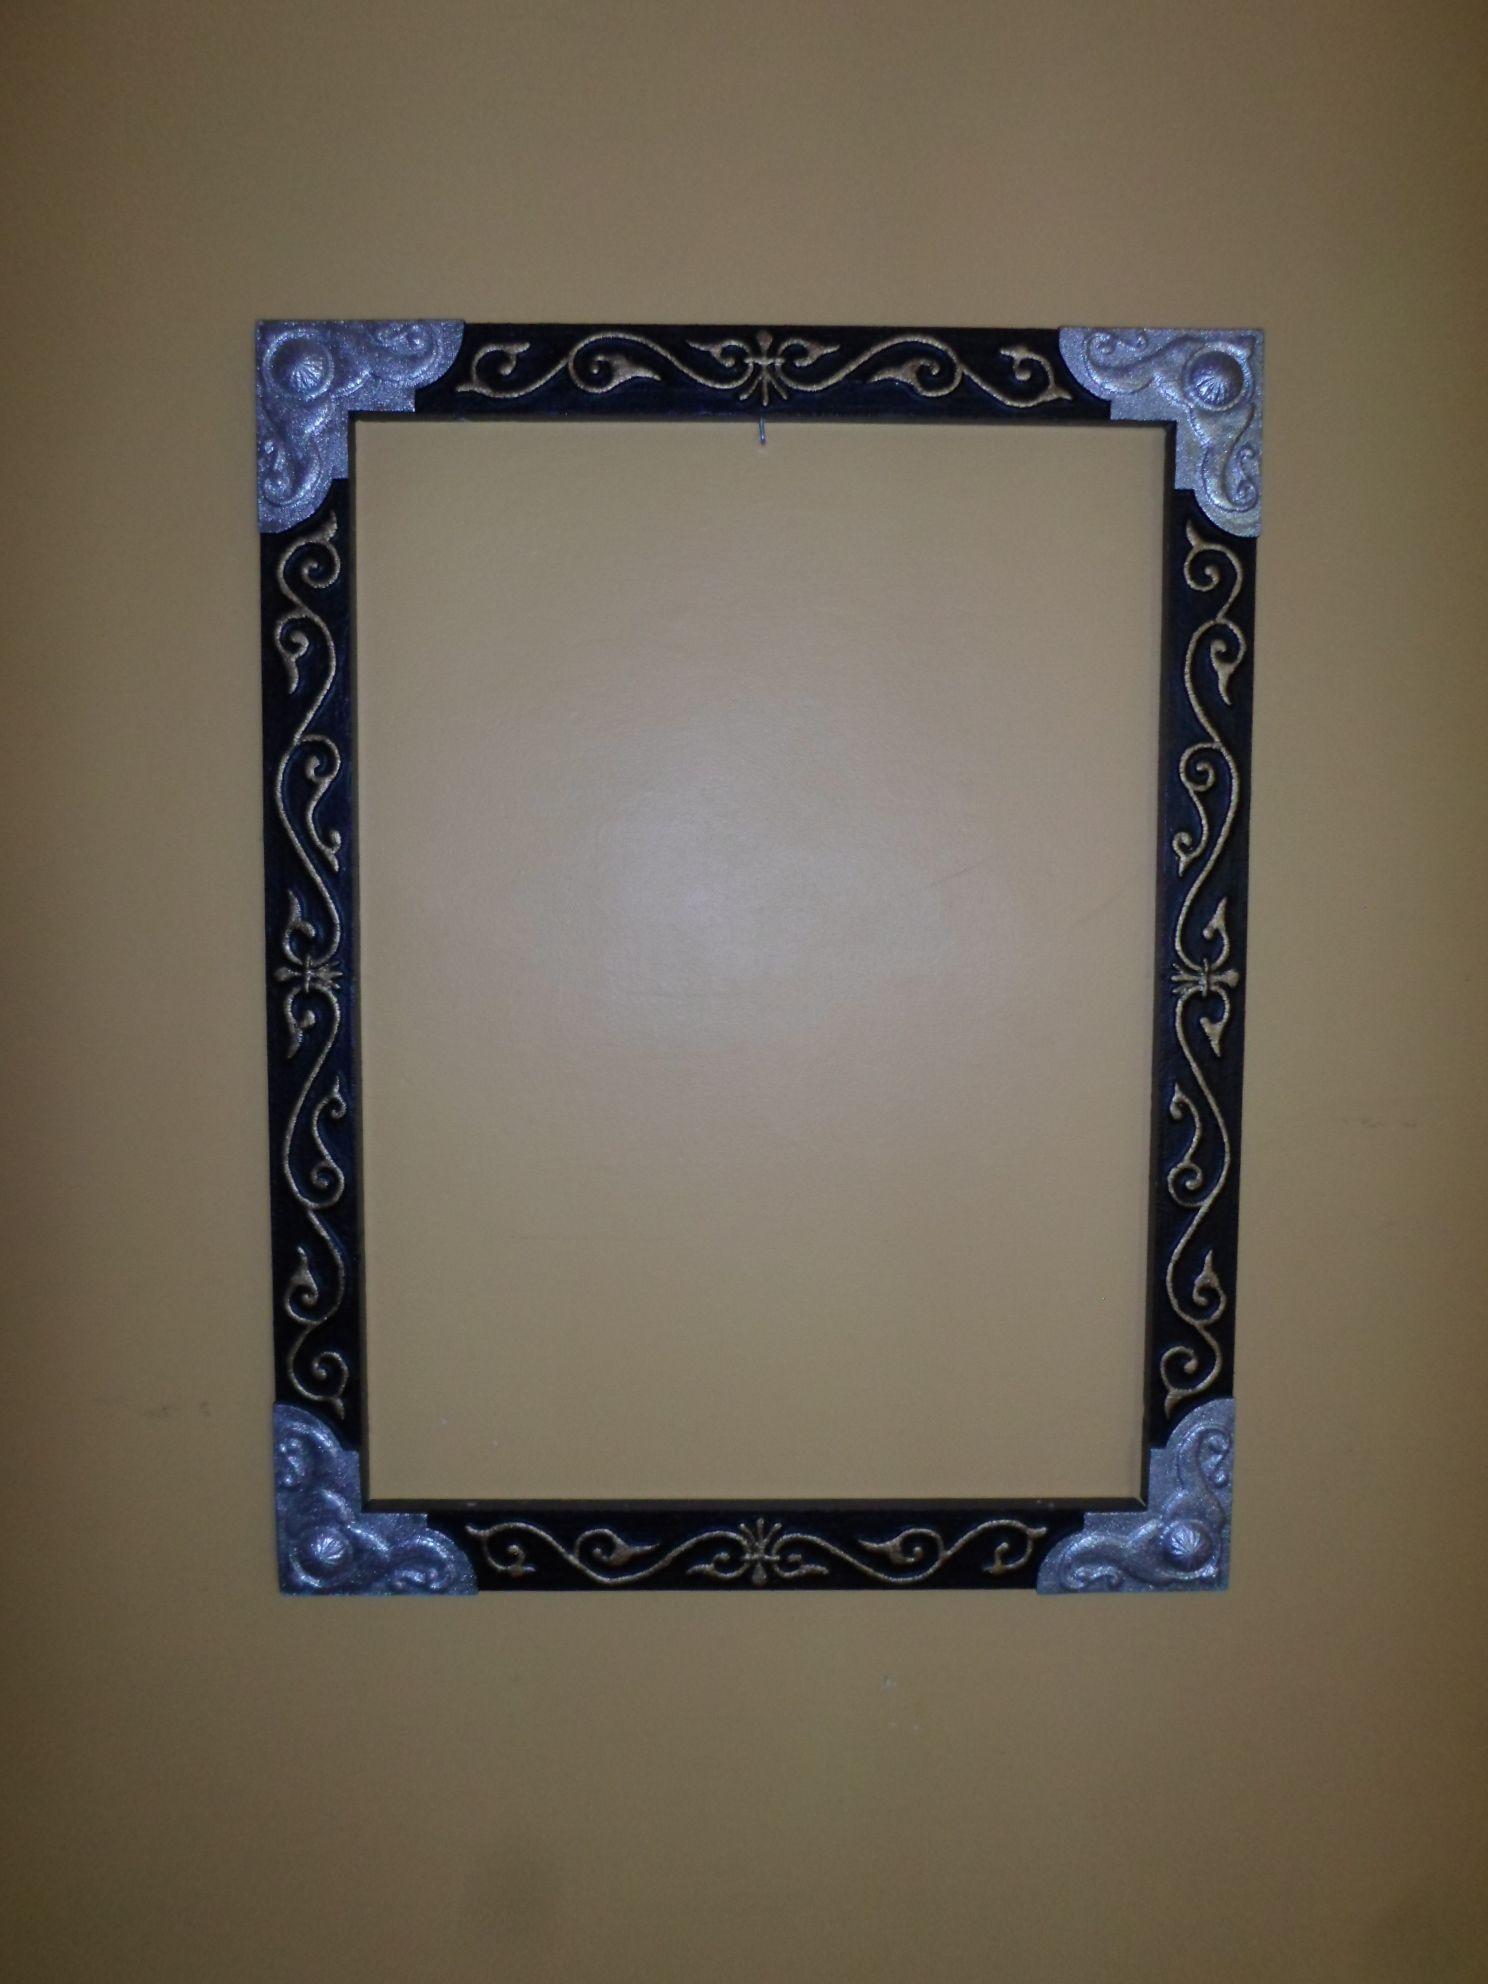 إطار مرآة أو صورة Home Decor Decor Frame